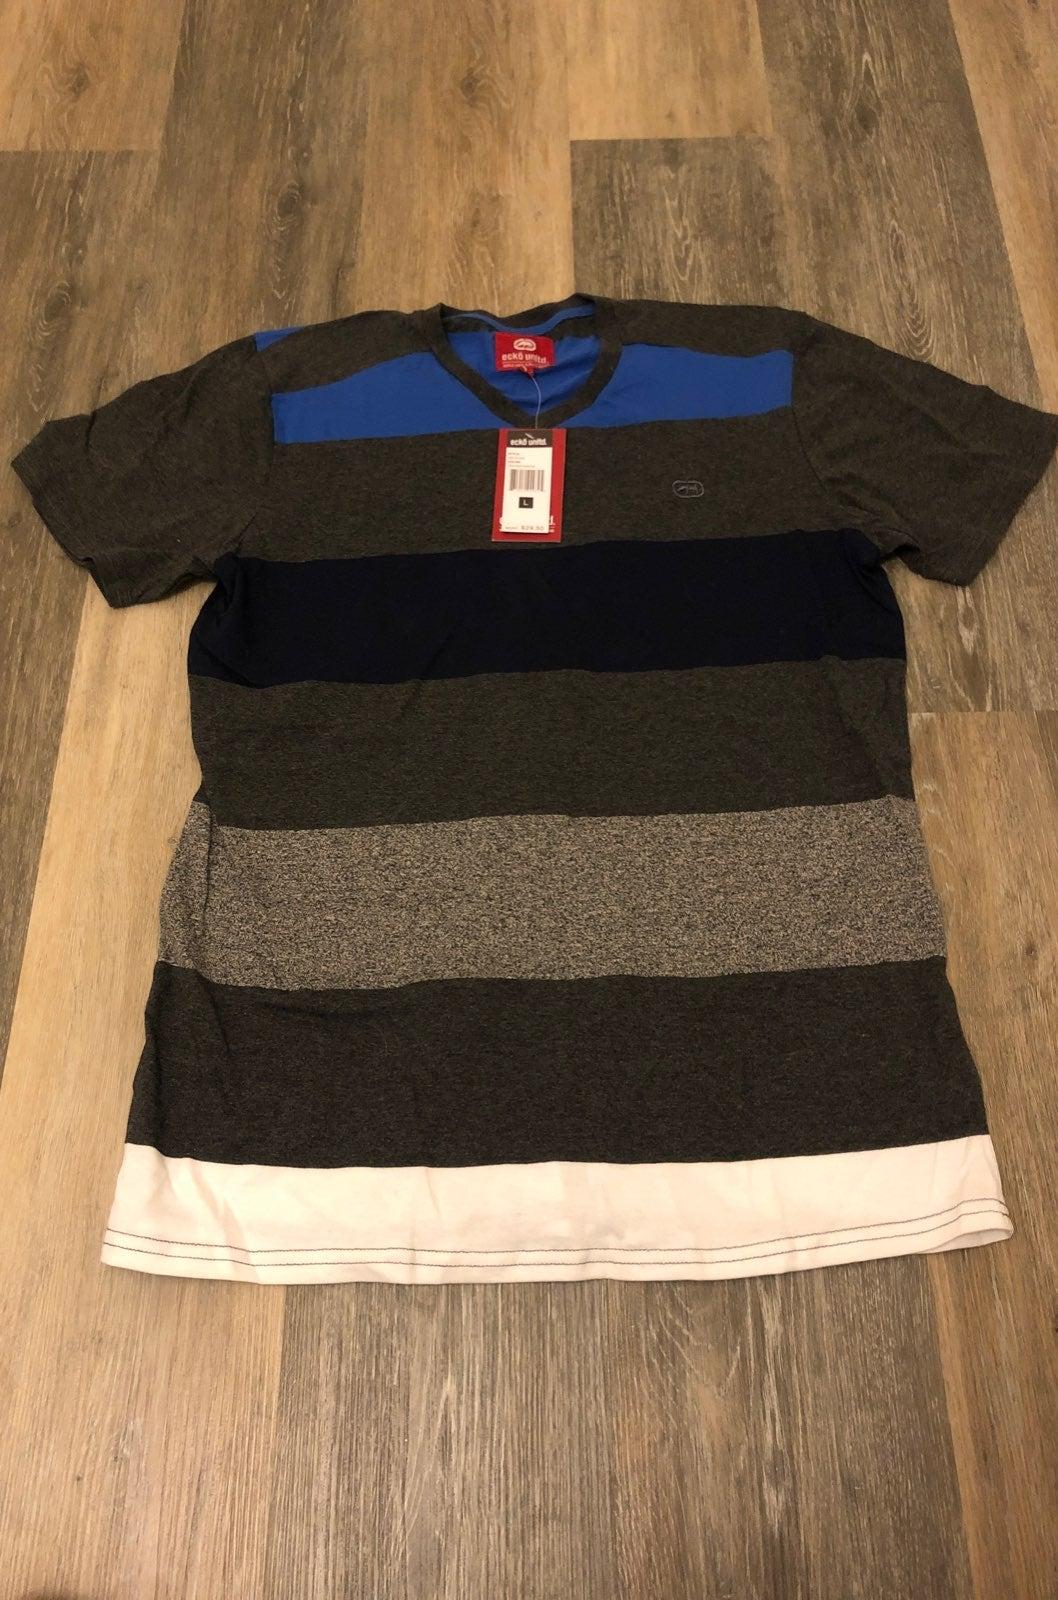 Ecko blue and gray tshirt